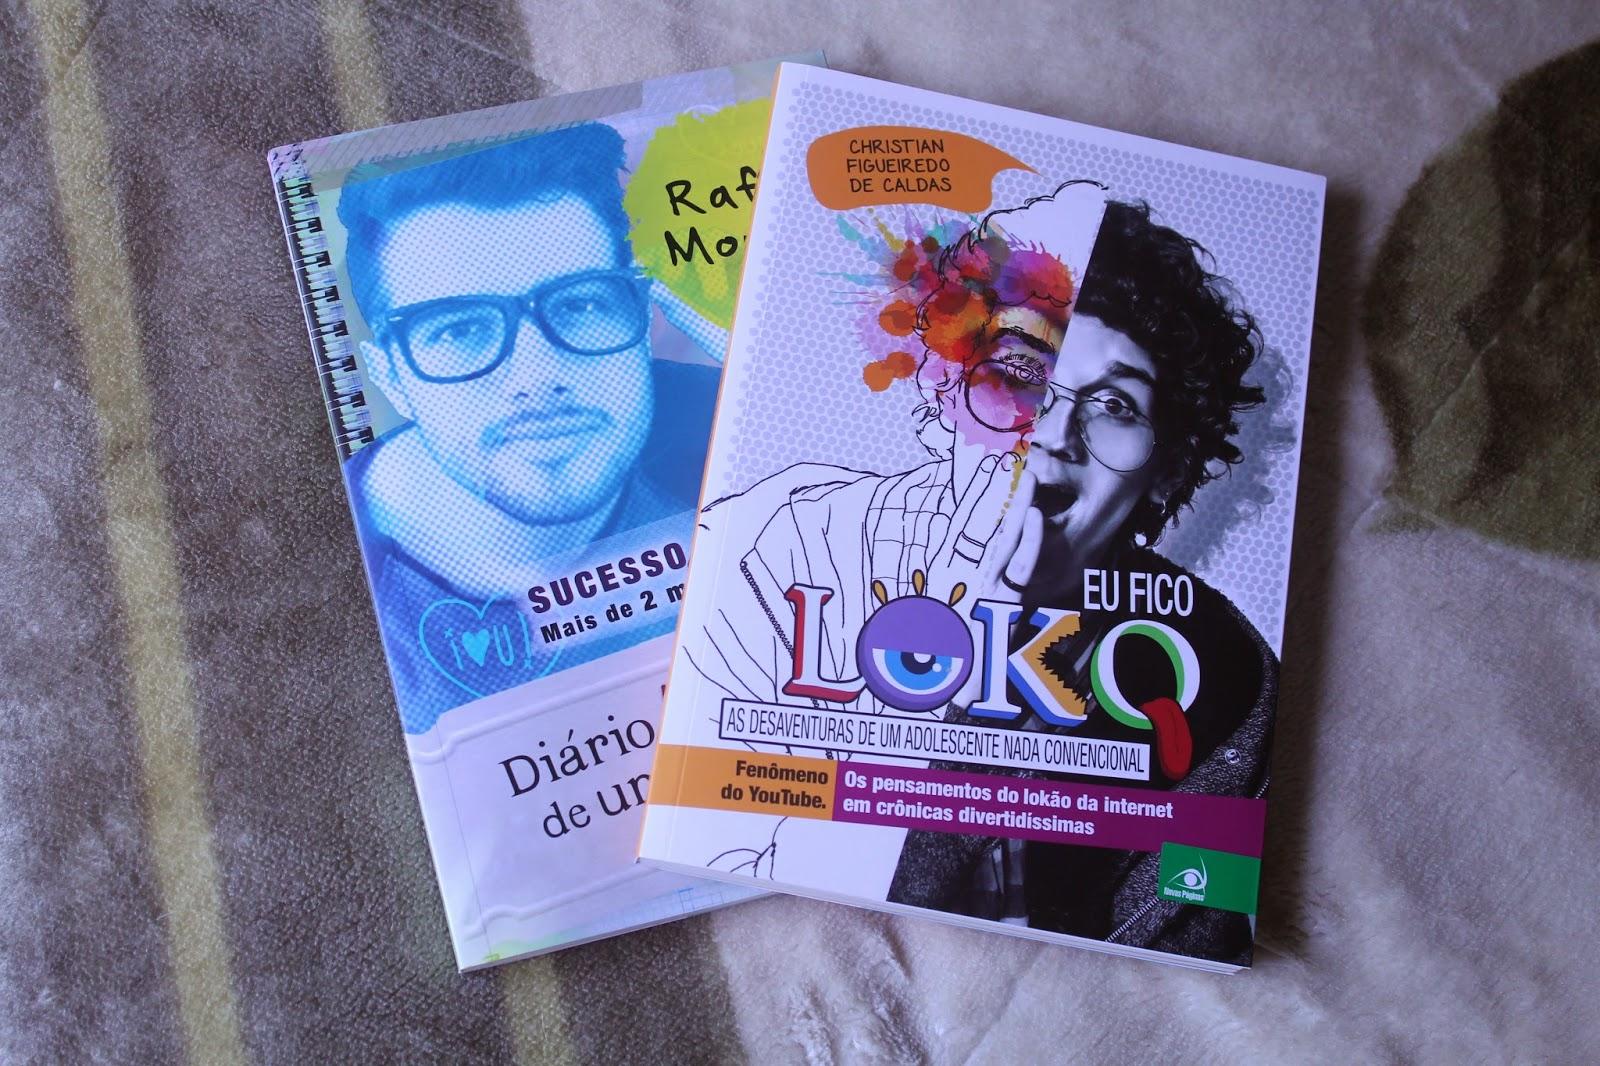 #1452B7 Sorteio duplo: Eu fico loko   Diário de um adolescente apaixonado 1600x1066 px a estante de nine @ bernauer.info Móveis Antigos Novos E Usados Online